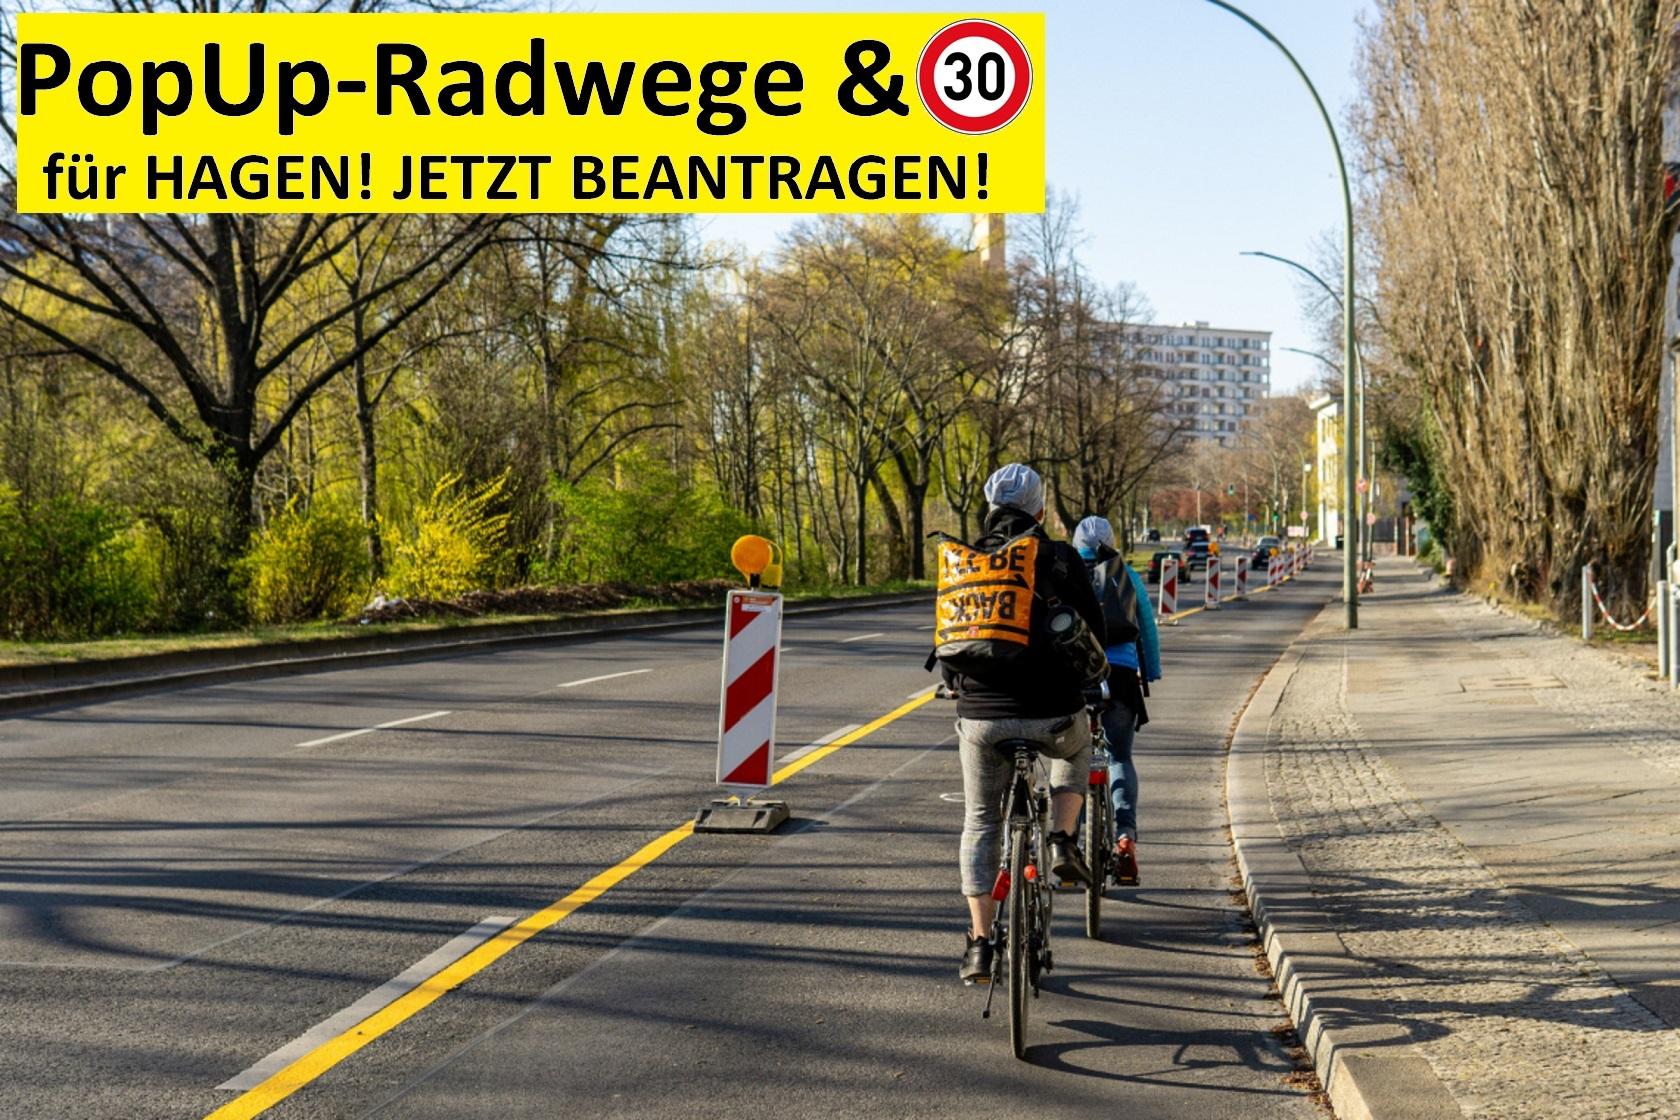 Pop-Up Radweg mit Radfahrenden